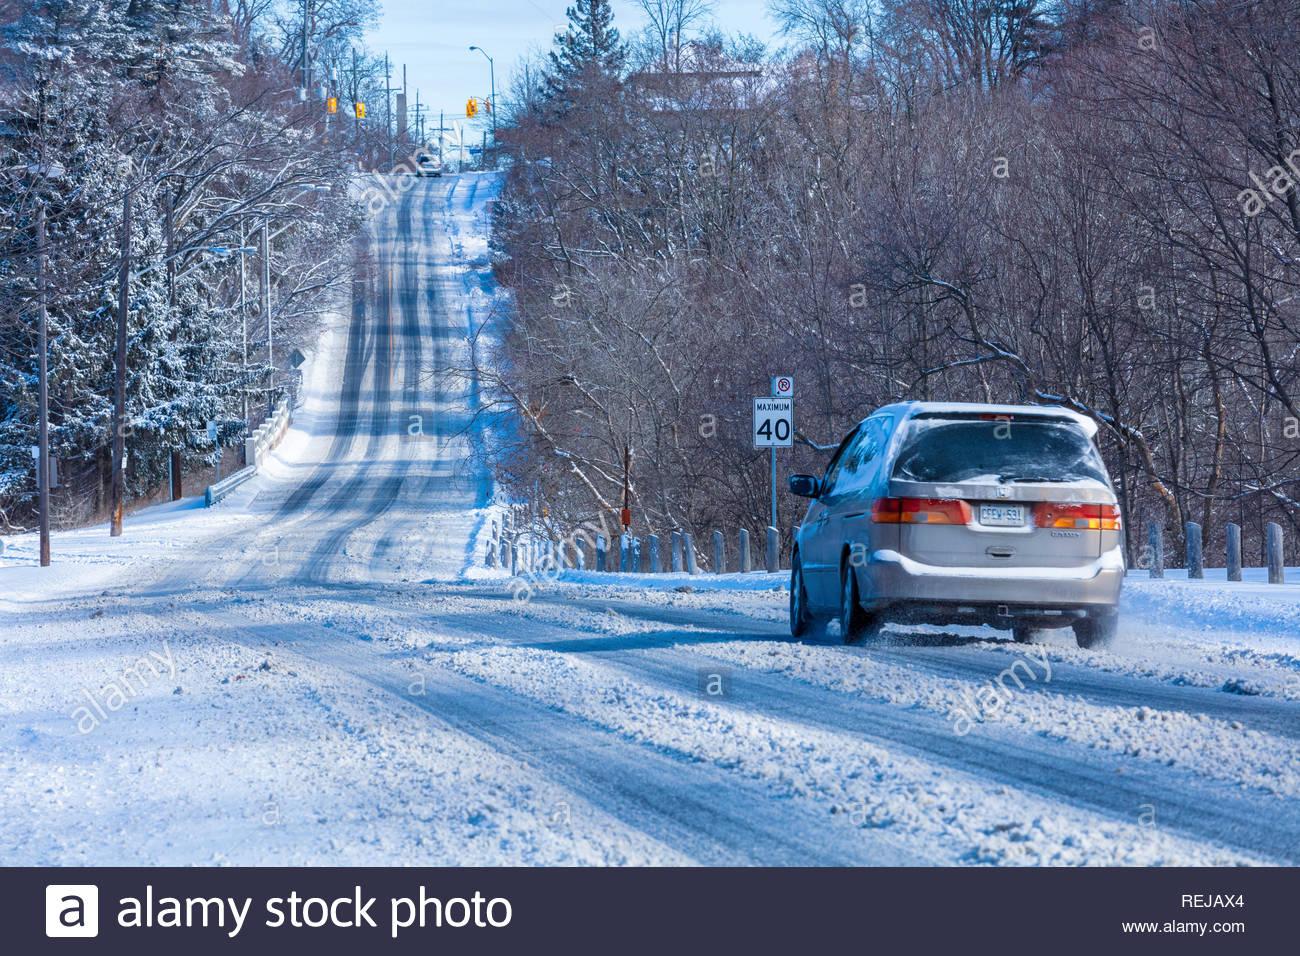 De mauvaises conditions de conduite en hiver sur une route couverte de neige à Toronto Ontario Canada Banque D'Images